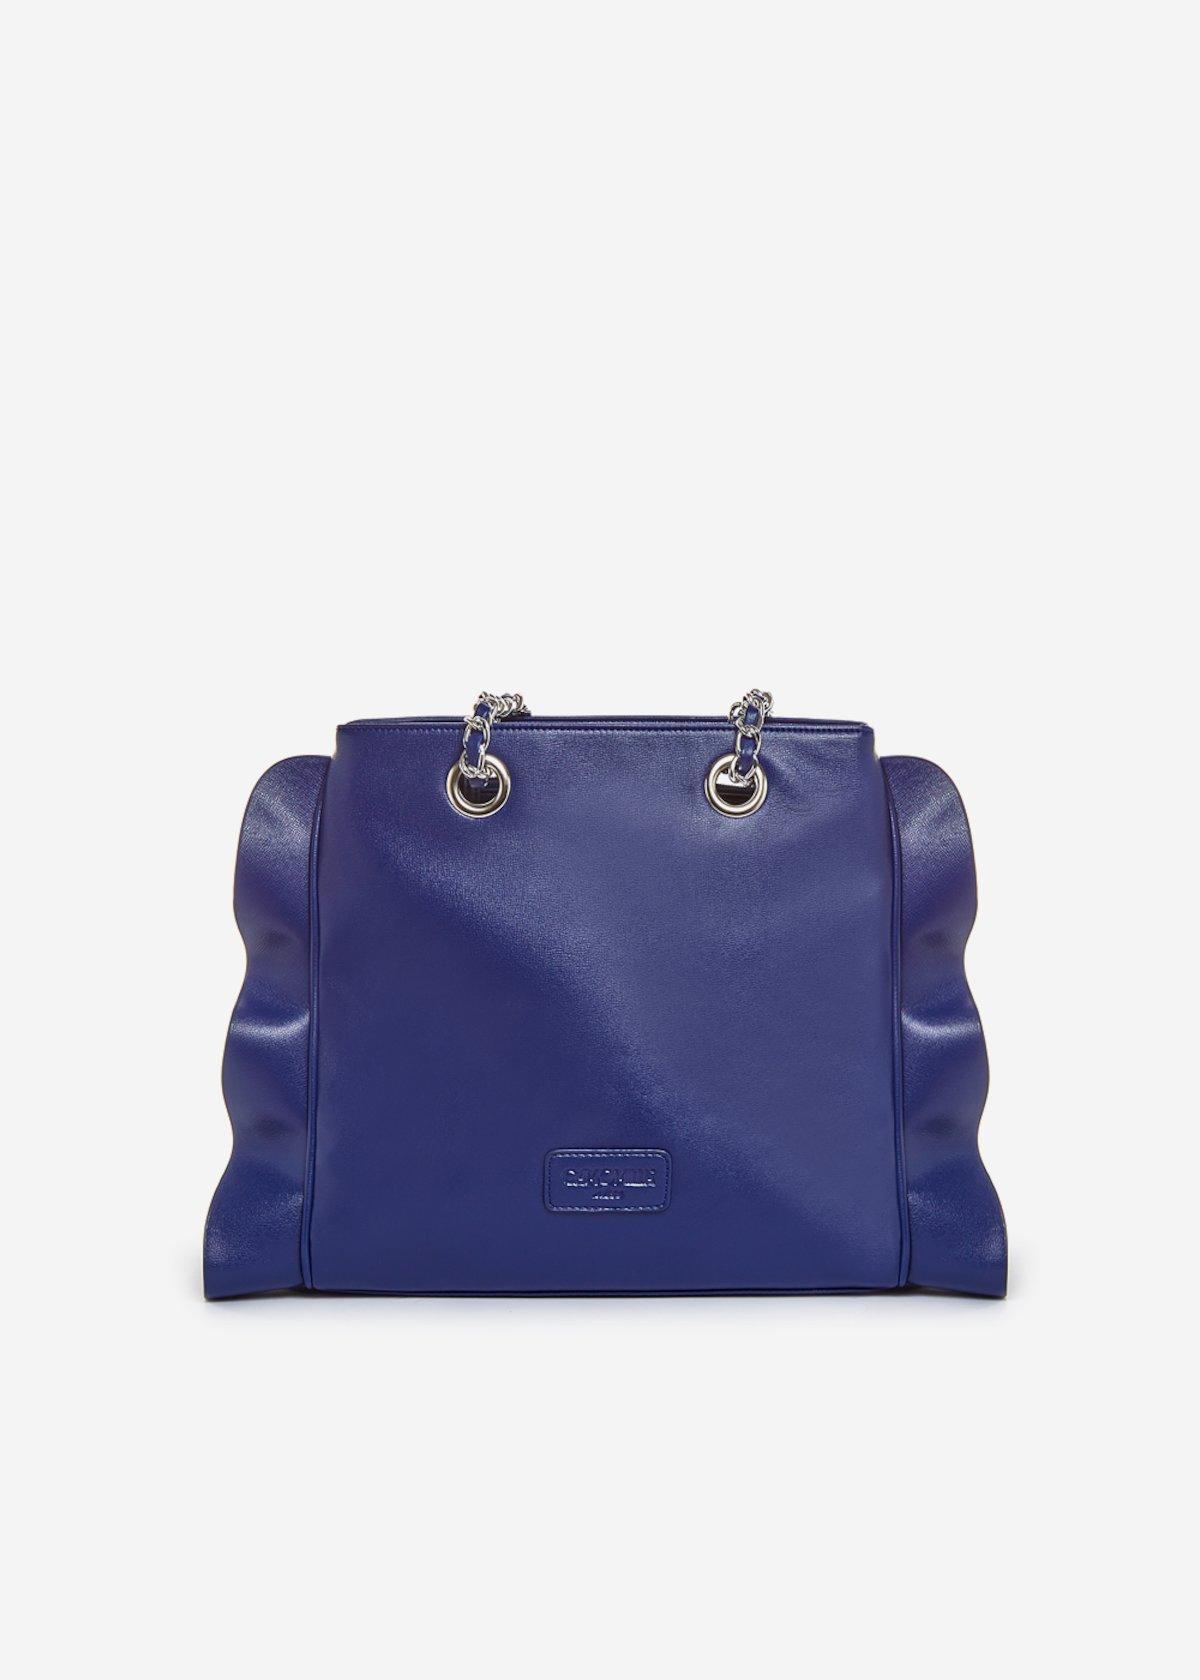 Besmira bag ruffle effect blue - Medium Blue